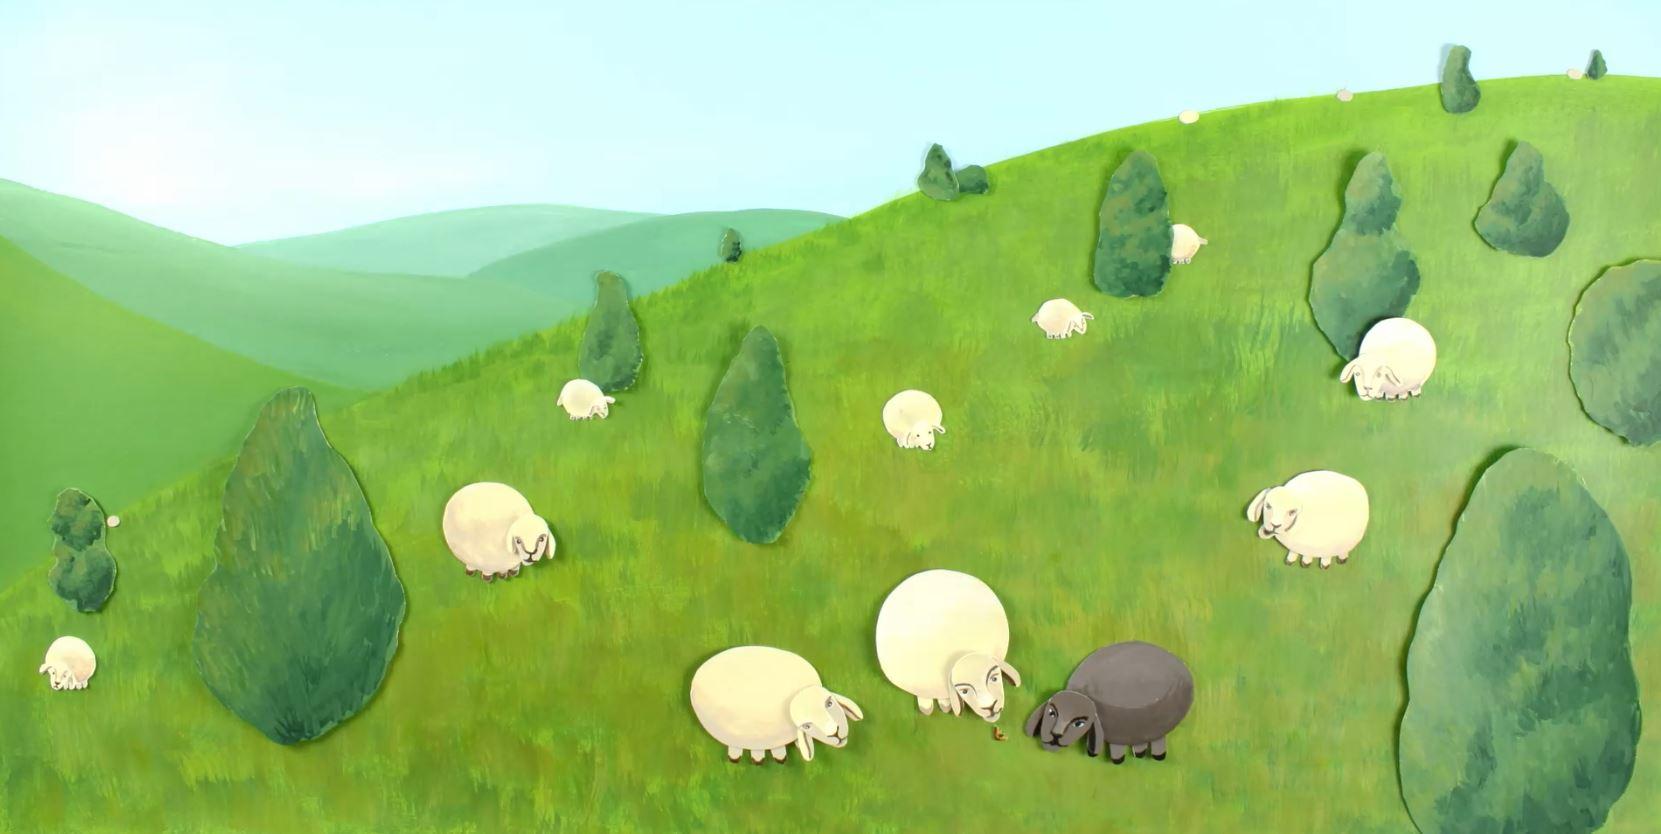 Ausschnitt aus dem Erklärvideo zur Modellregion Naturtourismus Riedenburg